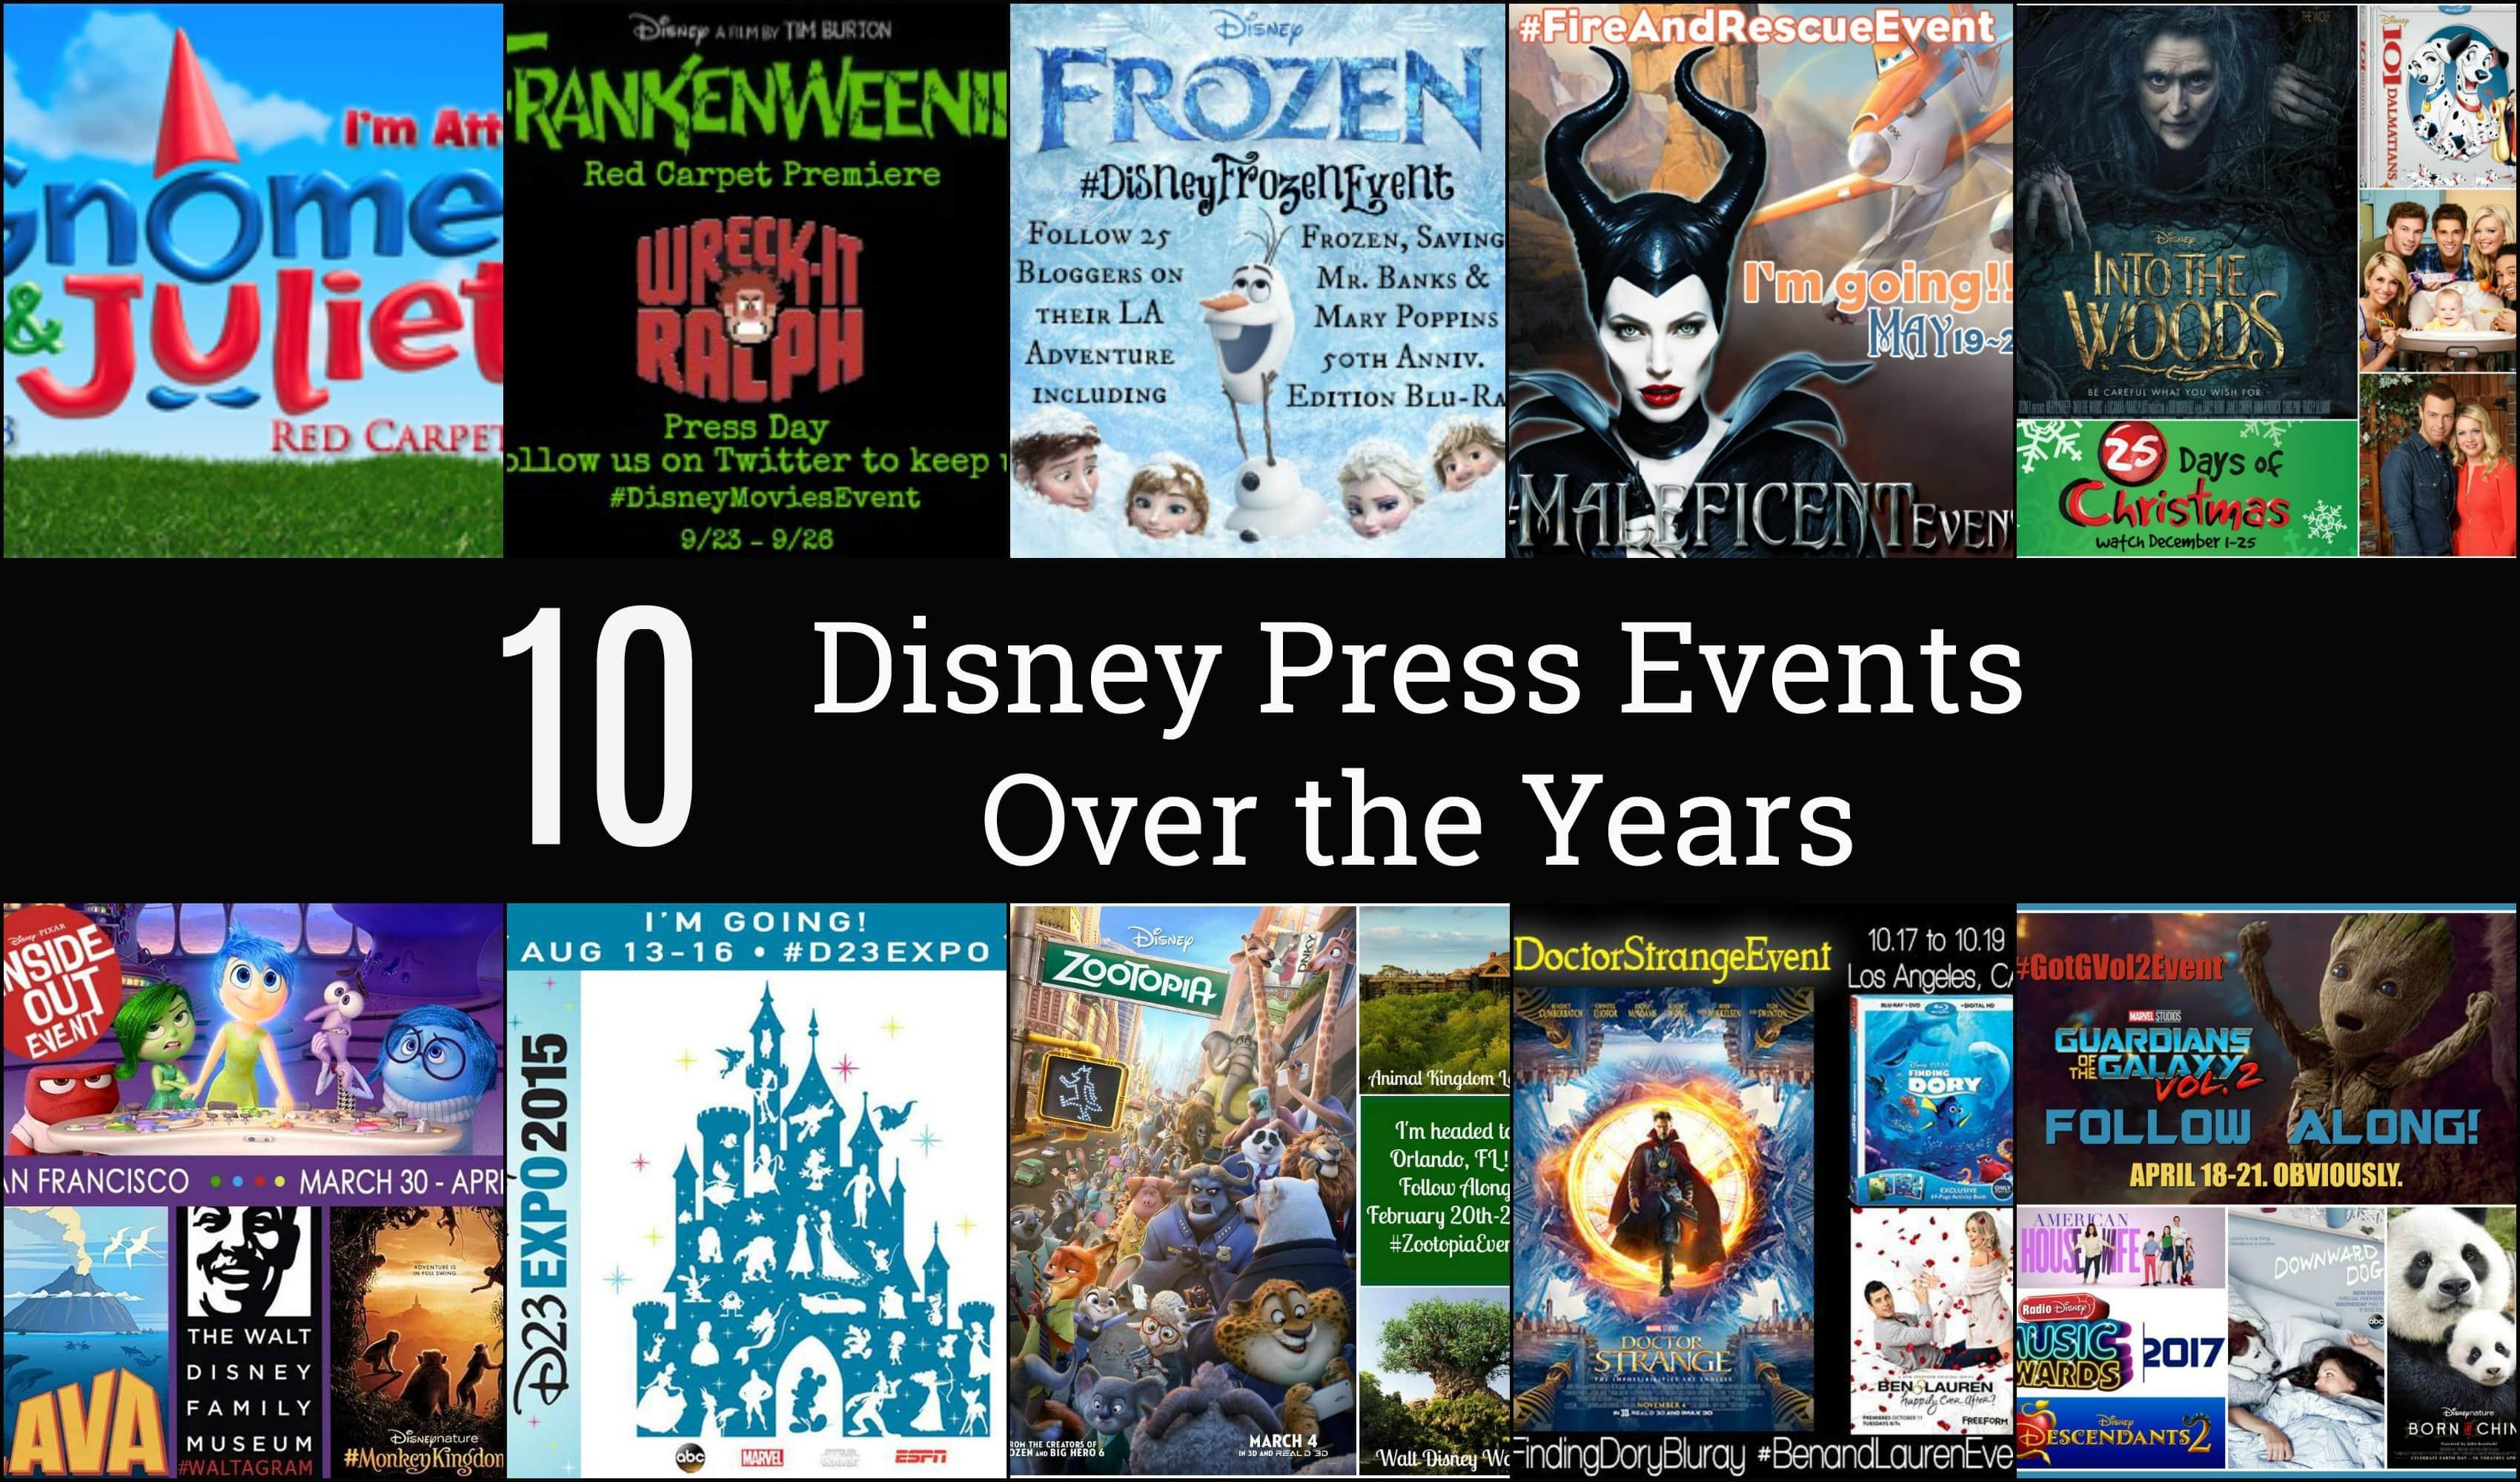 10 Disney Press Events